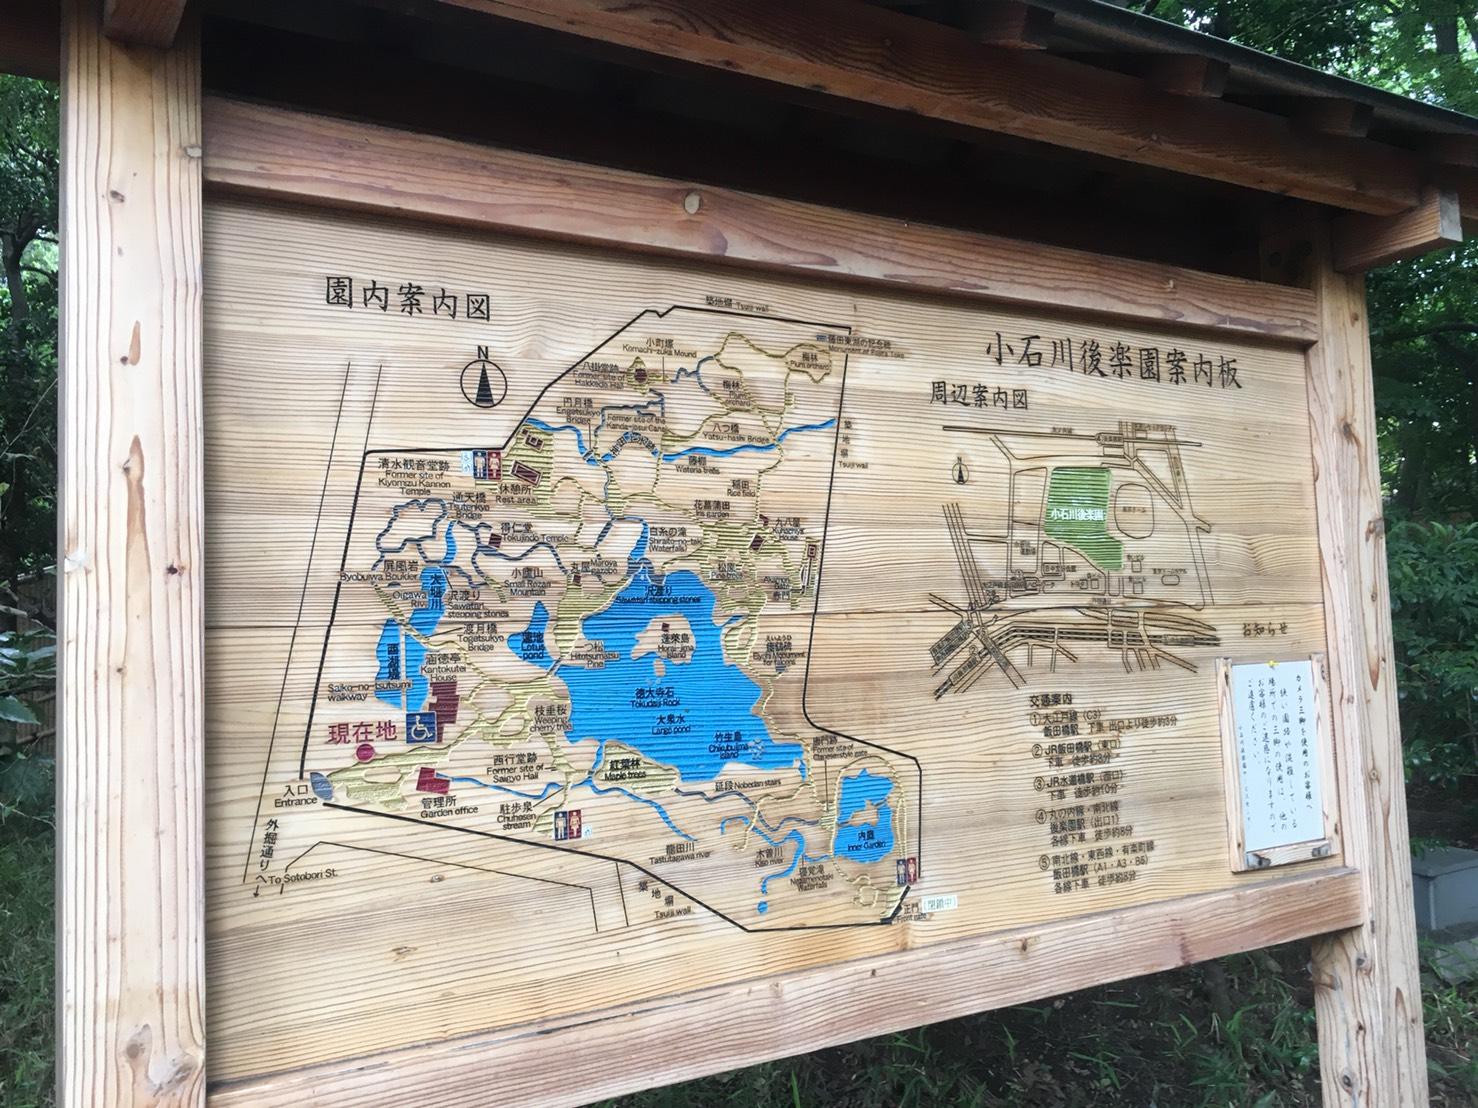 【飯田橋駅】江戸時代の中国趣味豊かな景観で一句「小石川後楽園」の小石川後楽園の出入口から入った道にある案内図